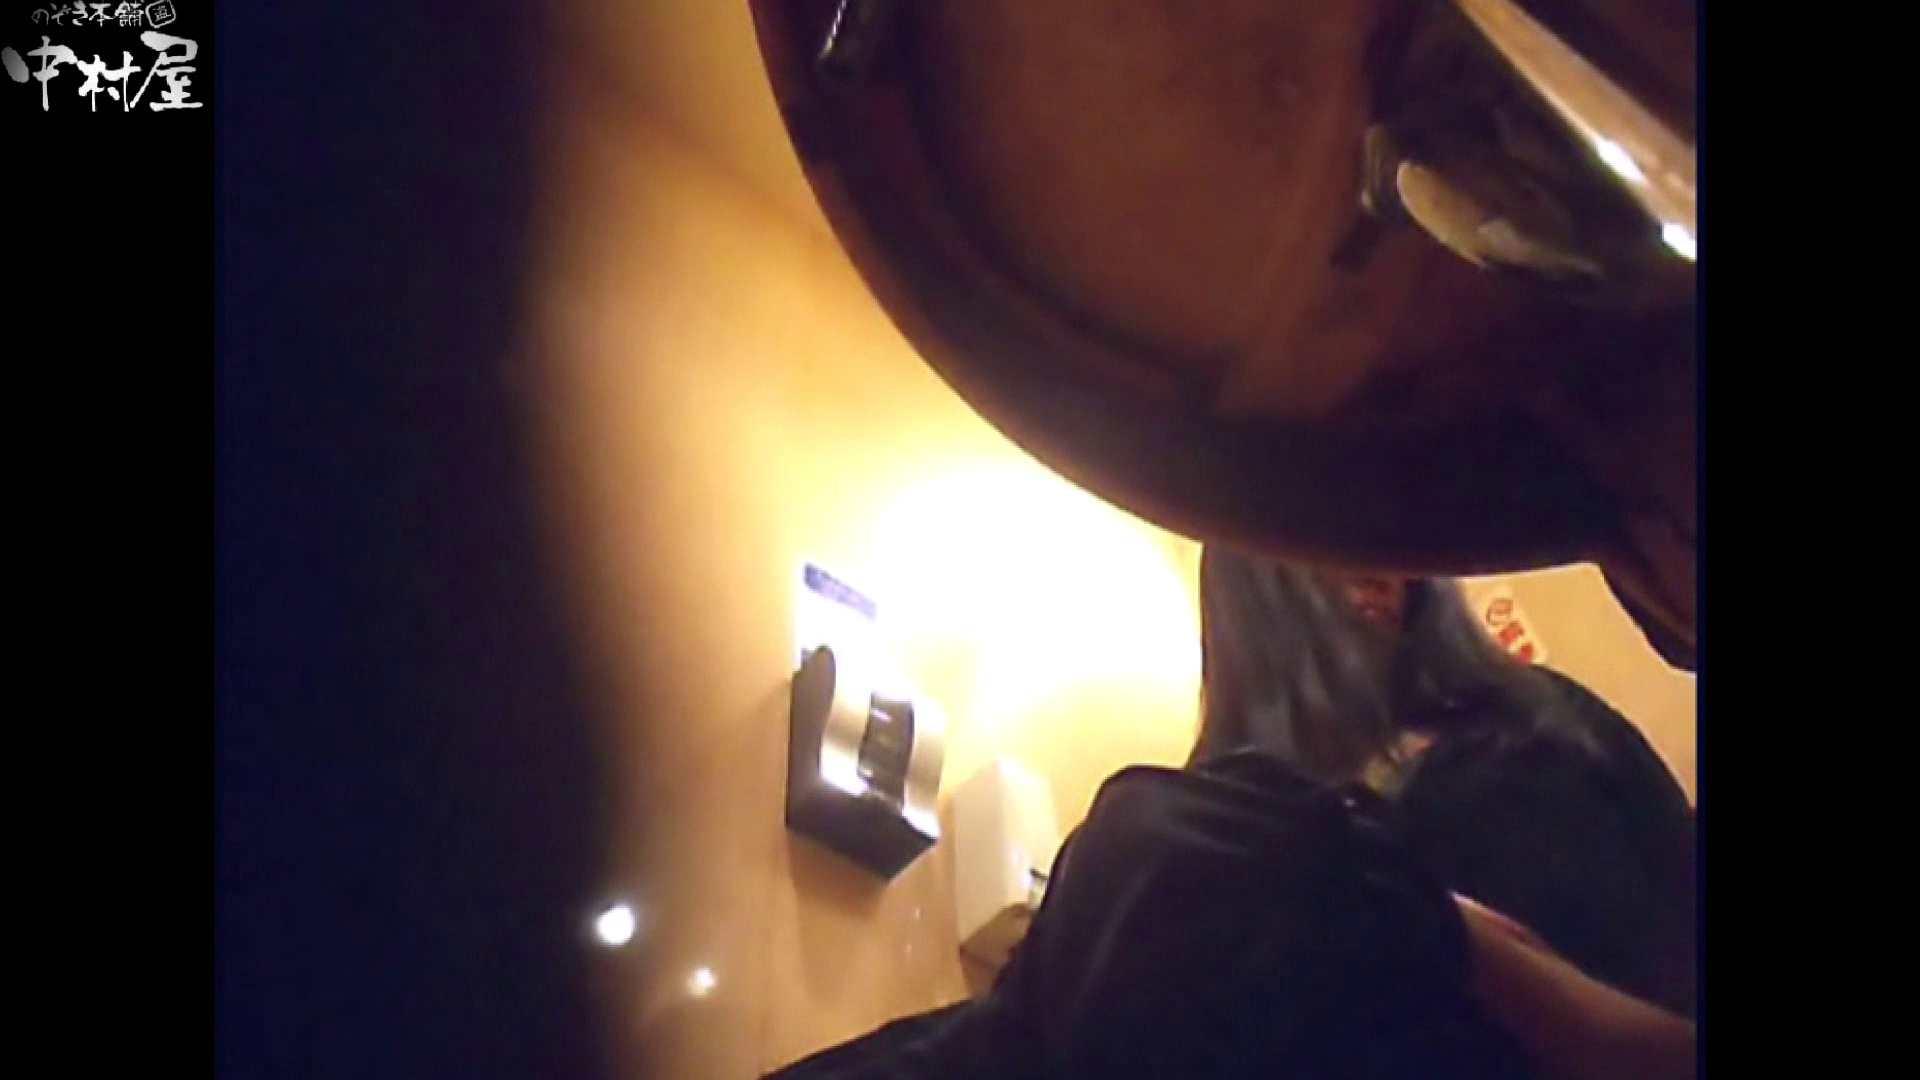 突撃!女子化粧室の真実vol.43前編 OLエロ画像 盗撮アダルト動画キャプチャ 88PICs 56